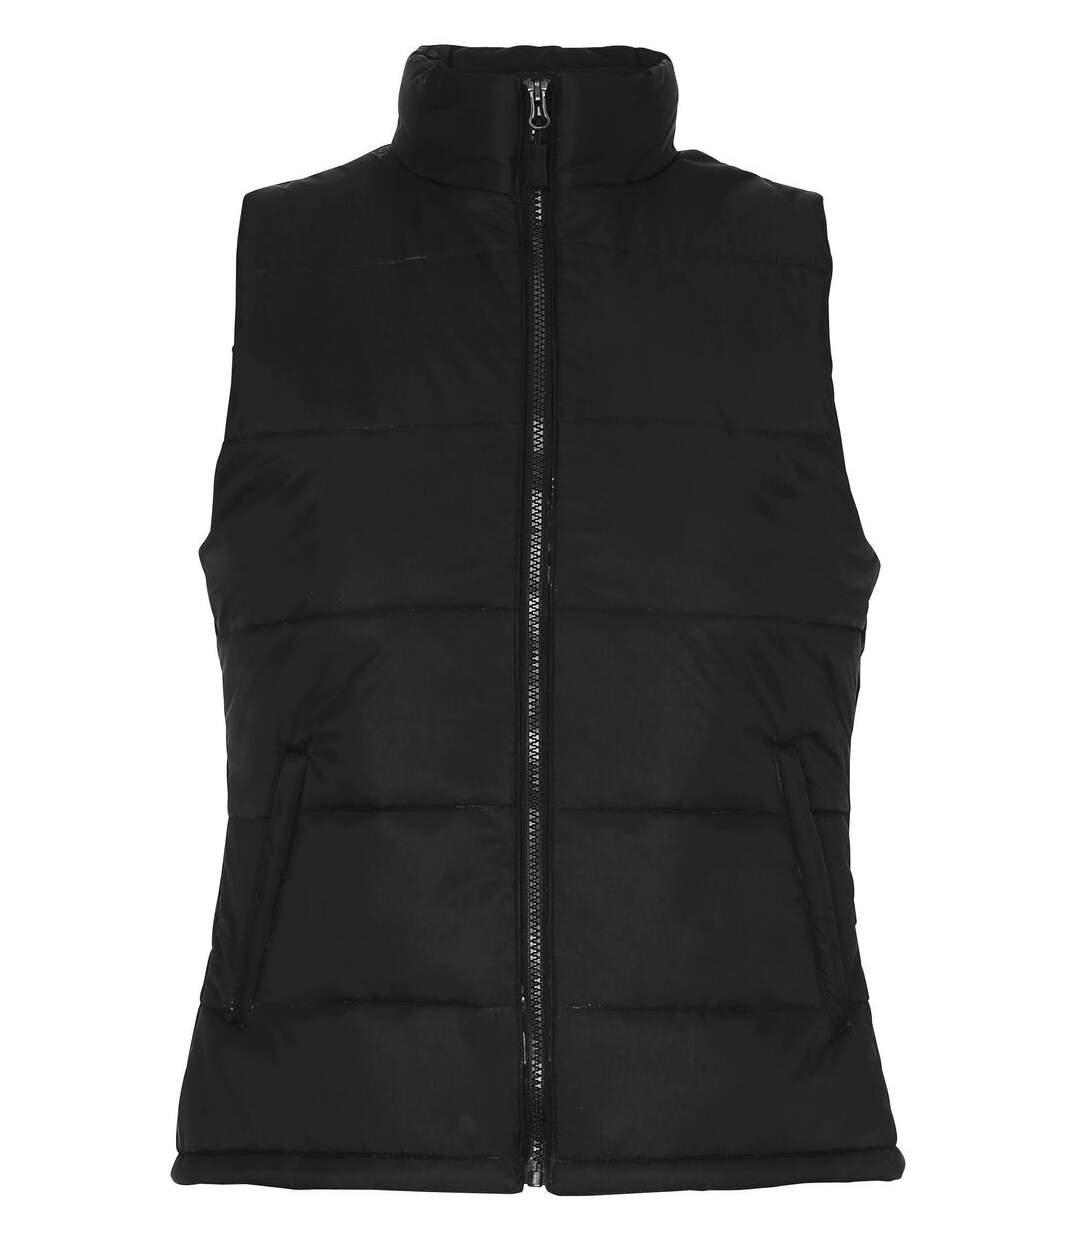 Gilet doudoune sans manches Femme - TS15F - noir